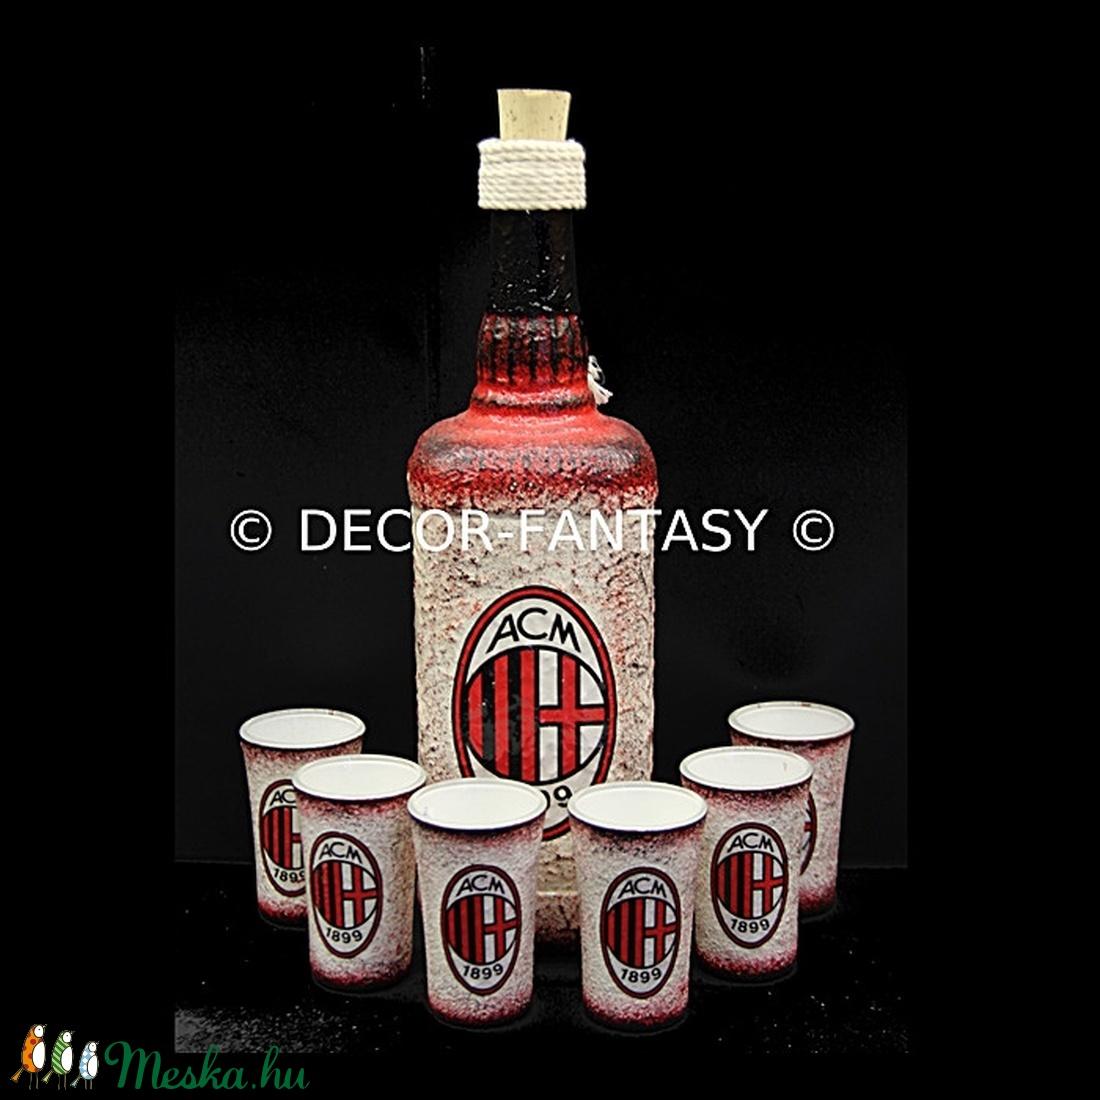 AC MILAN emblémával díszített  italos szett ( 0,75 l üveg + 6x45 ml pohár ) (decorfantasy) - Meska.hu